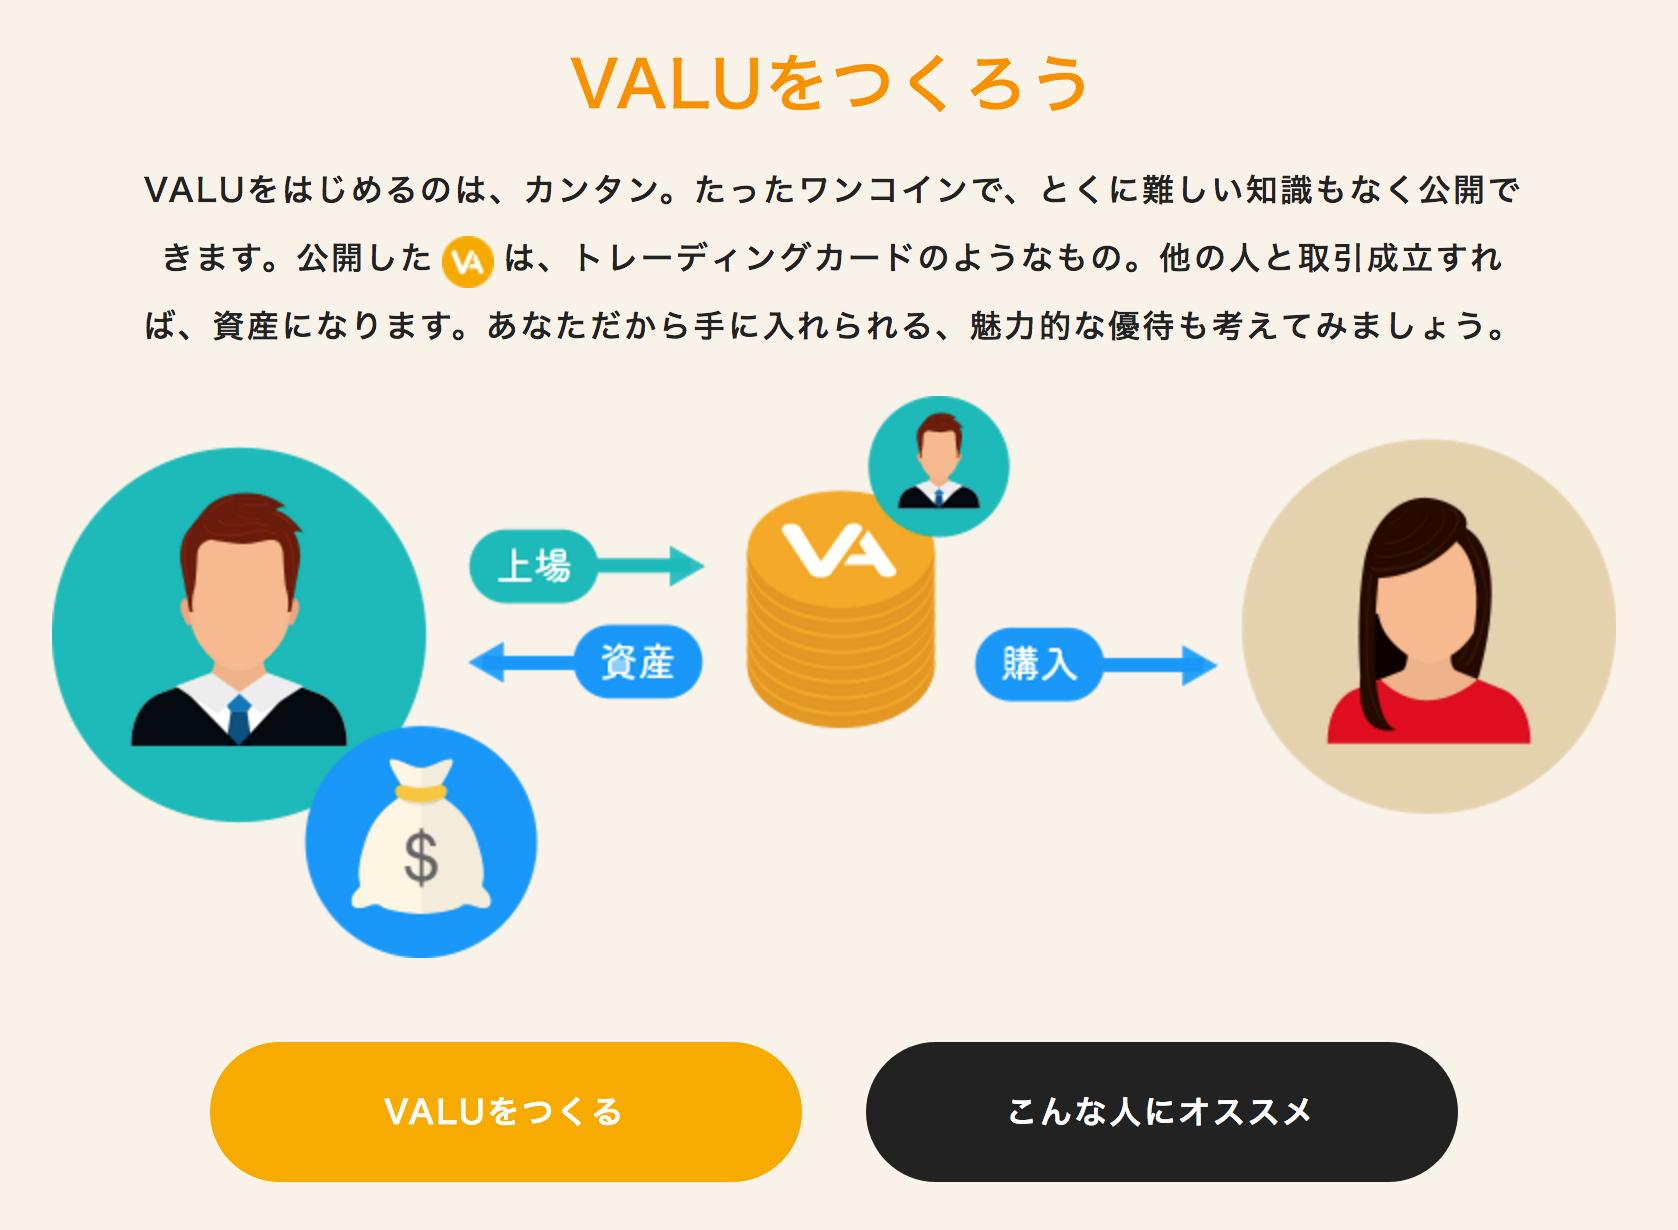 個人に投資できる環境が、価格や価値における考え方を変える!【Webサービス「VALU」】